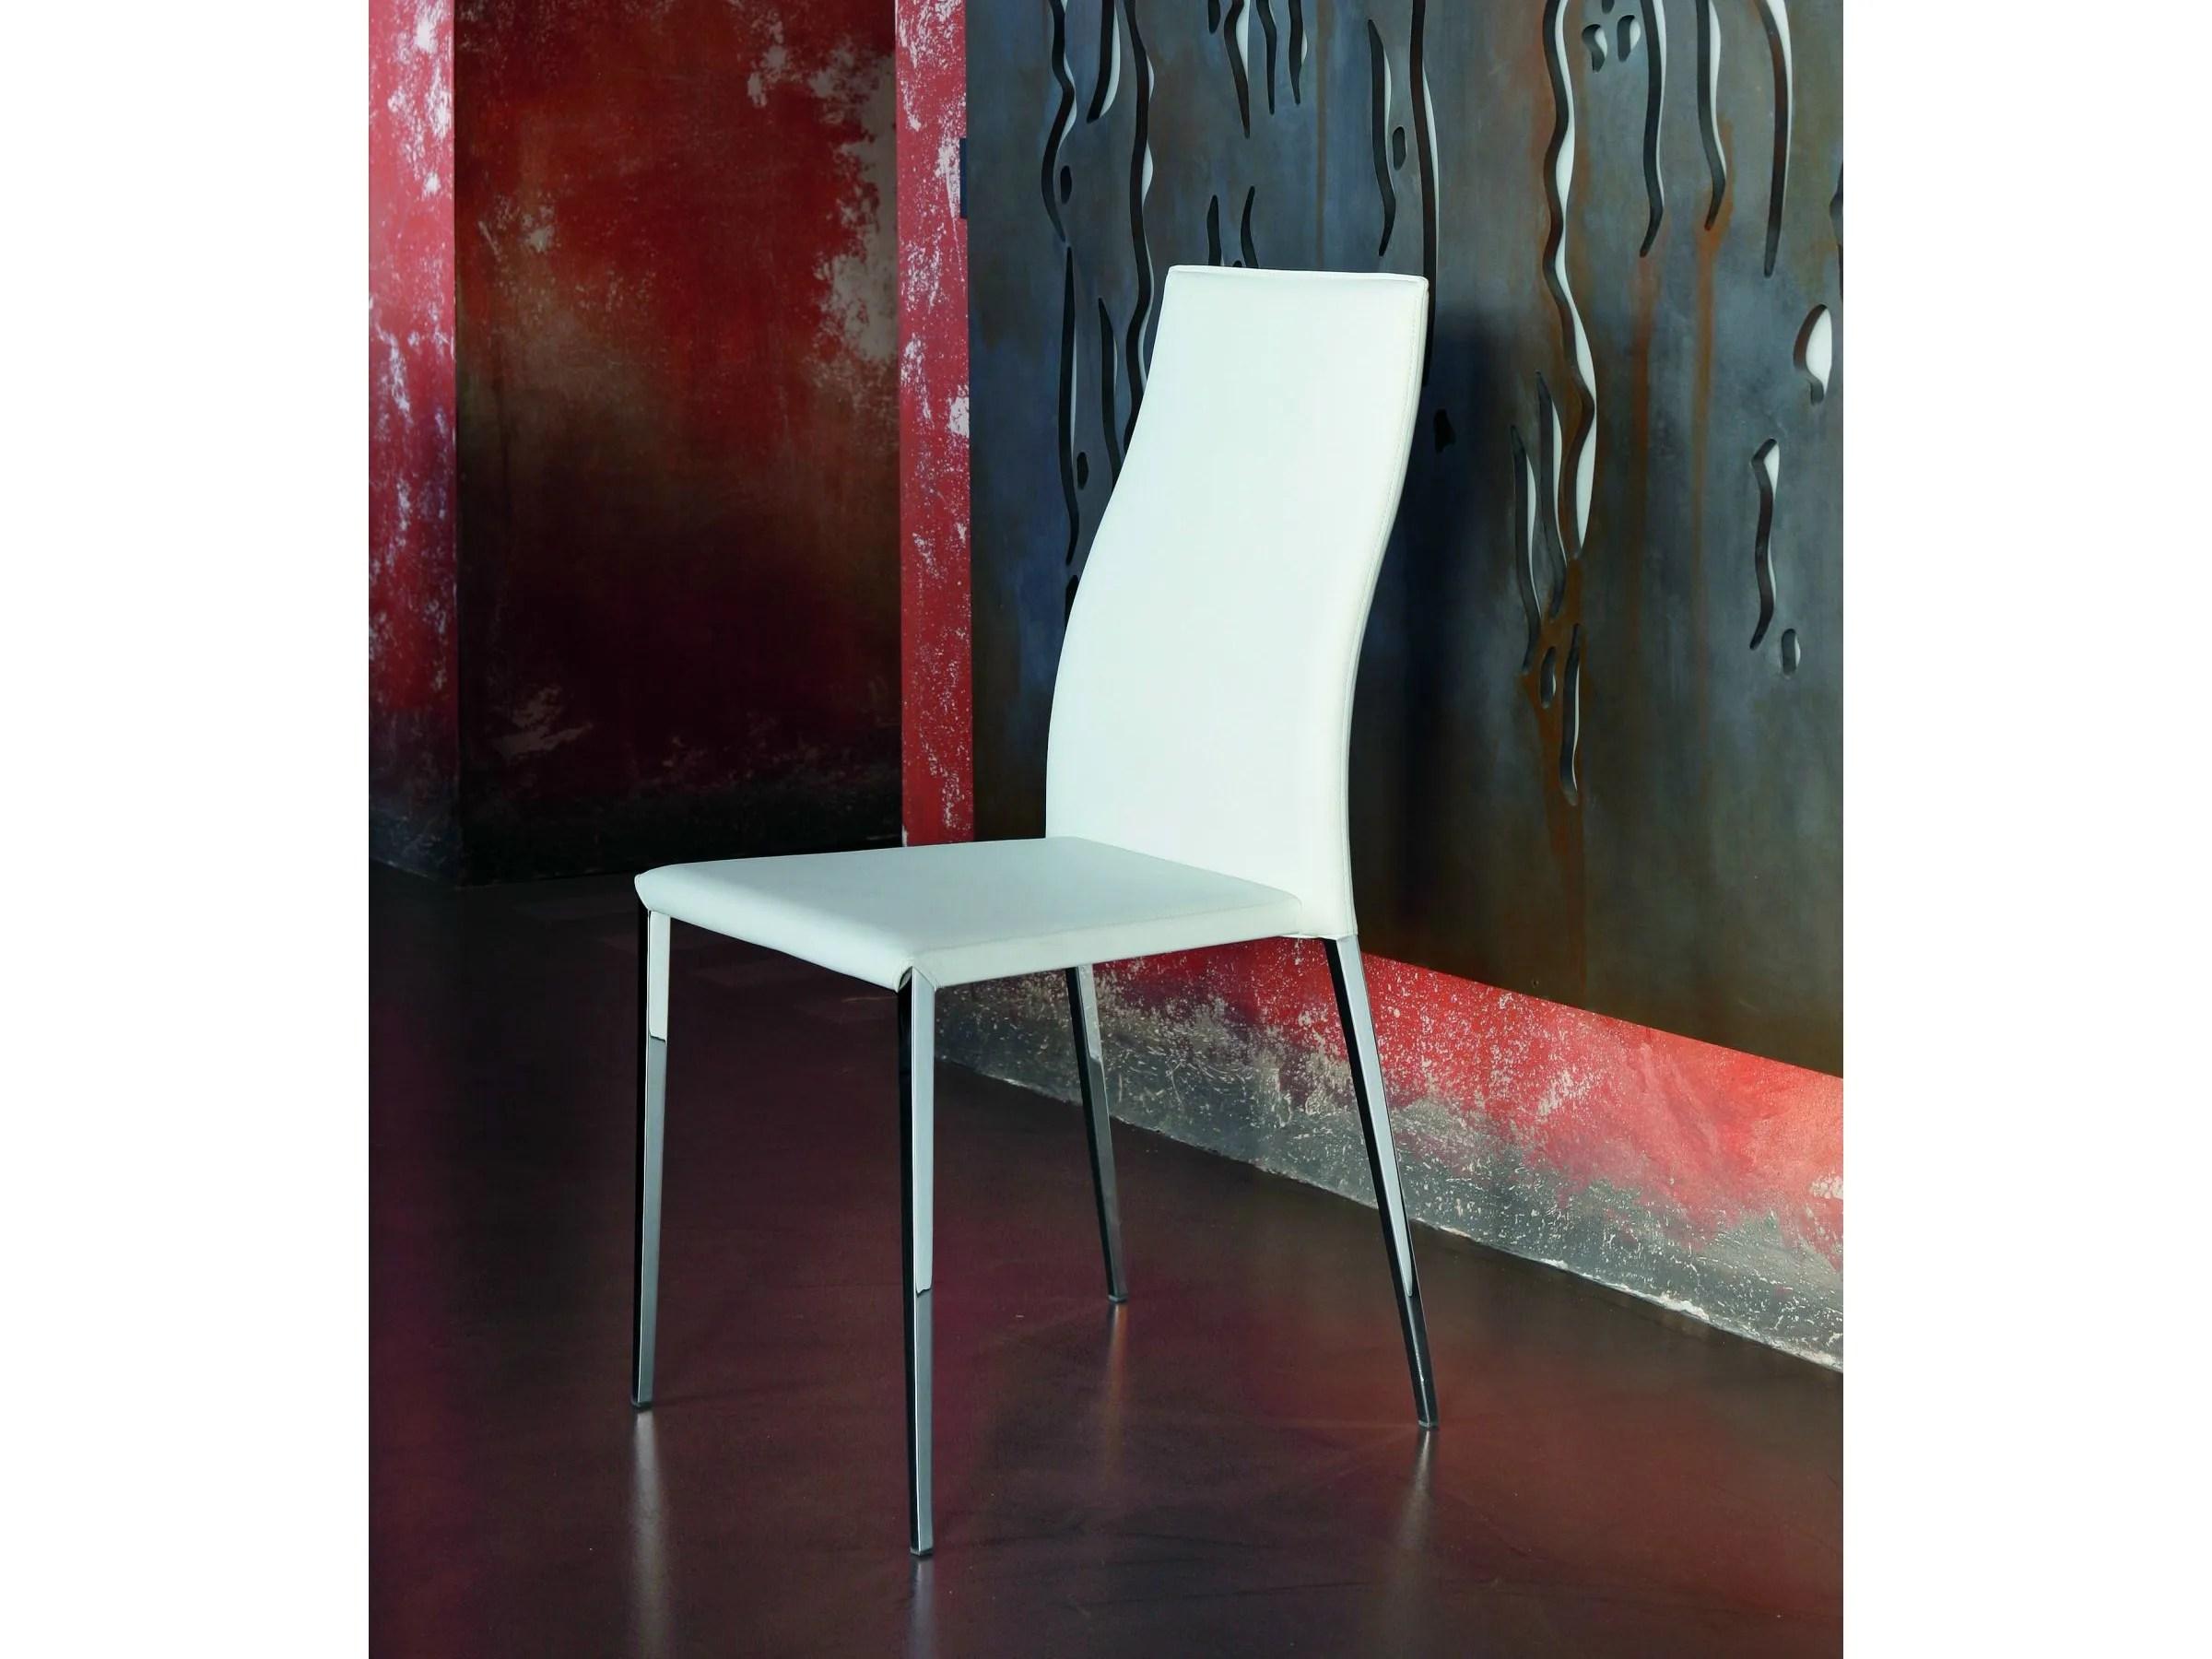 Sedia bontempi cuoio prezzo sedia moderna da soggiorno kefir di